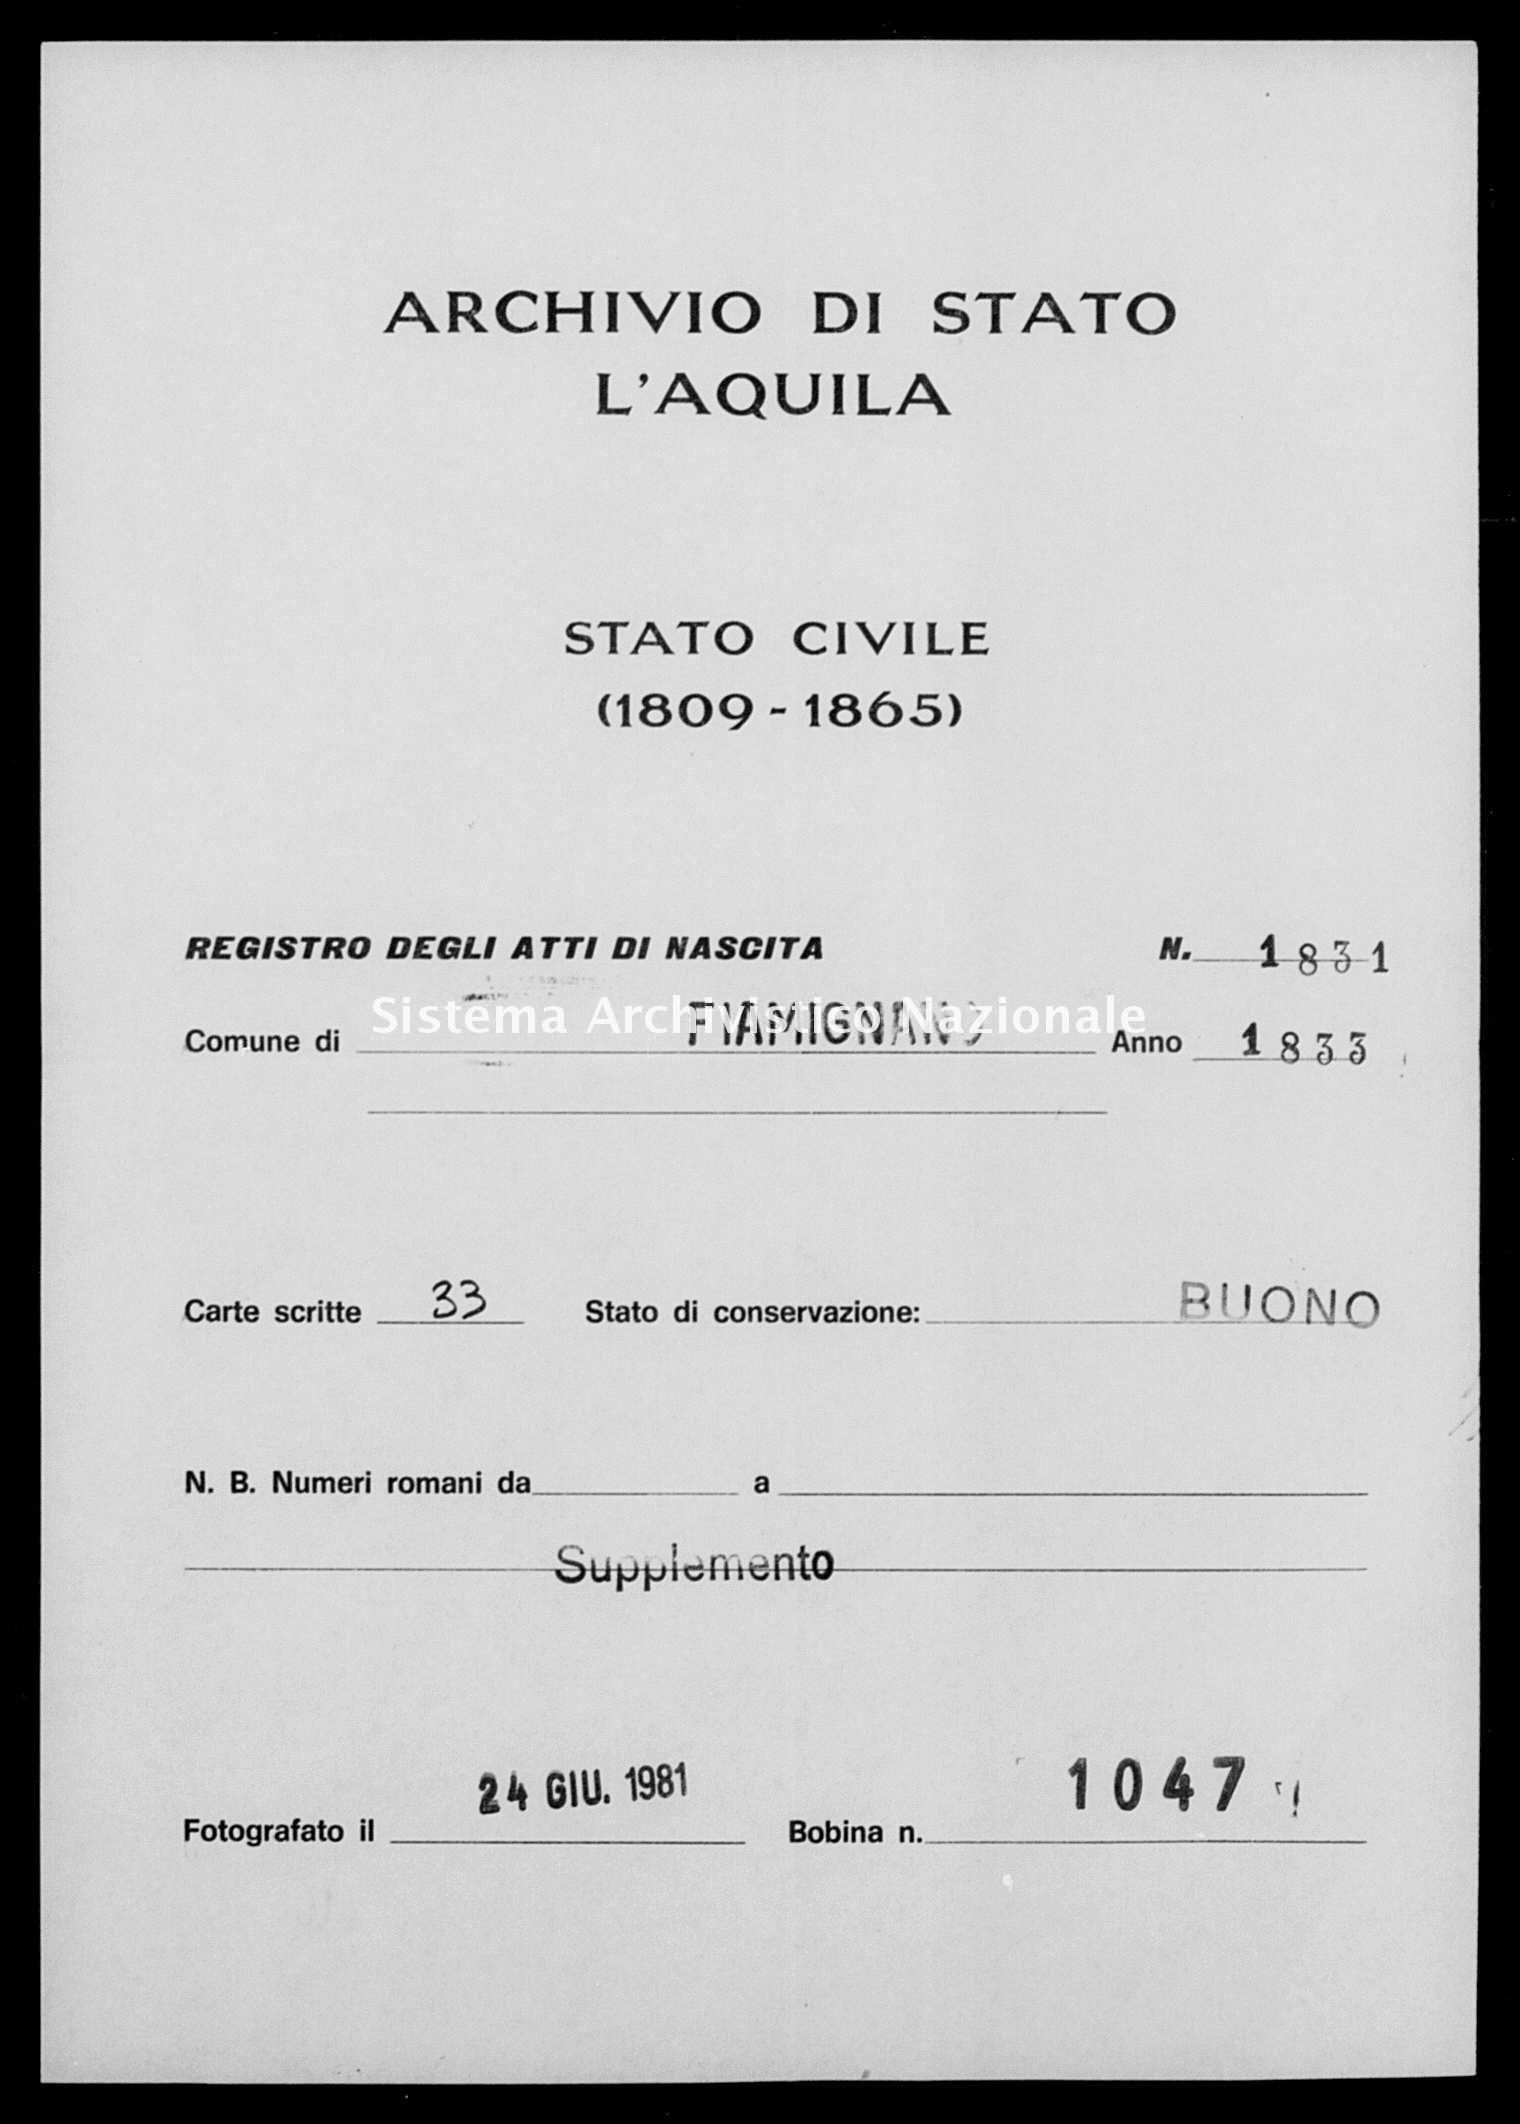 Archivio di stato di L'aquila - Stato civile della restaurazione - Fiamignano - Nati, battesimi - 1833 - 1831 -